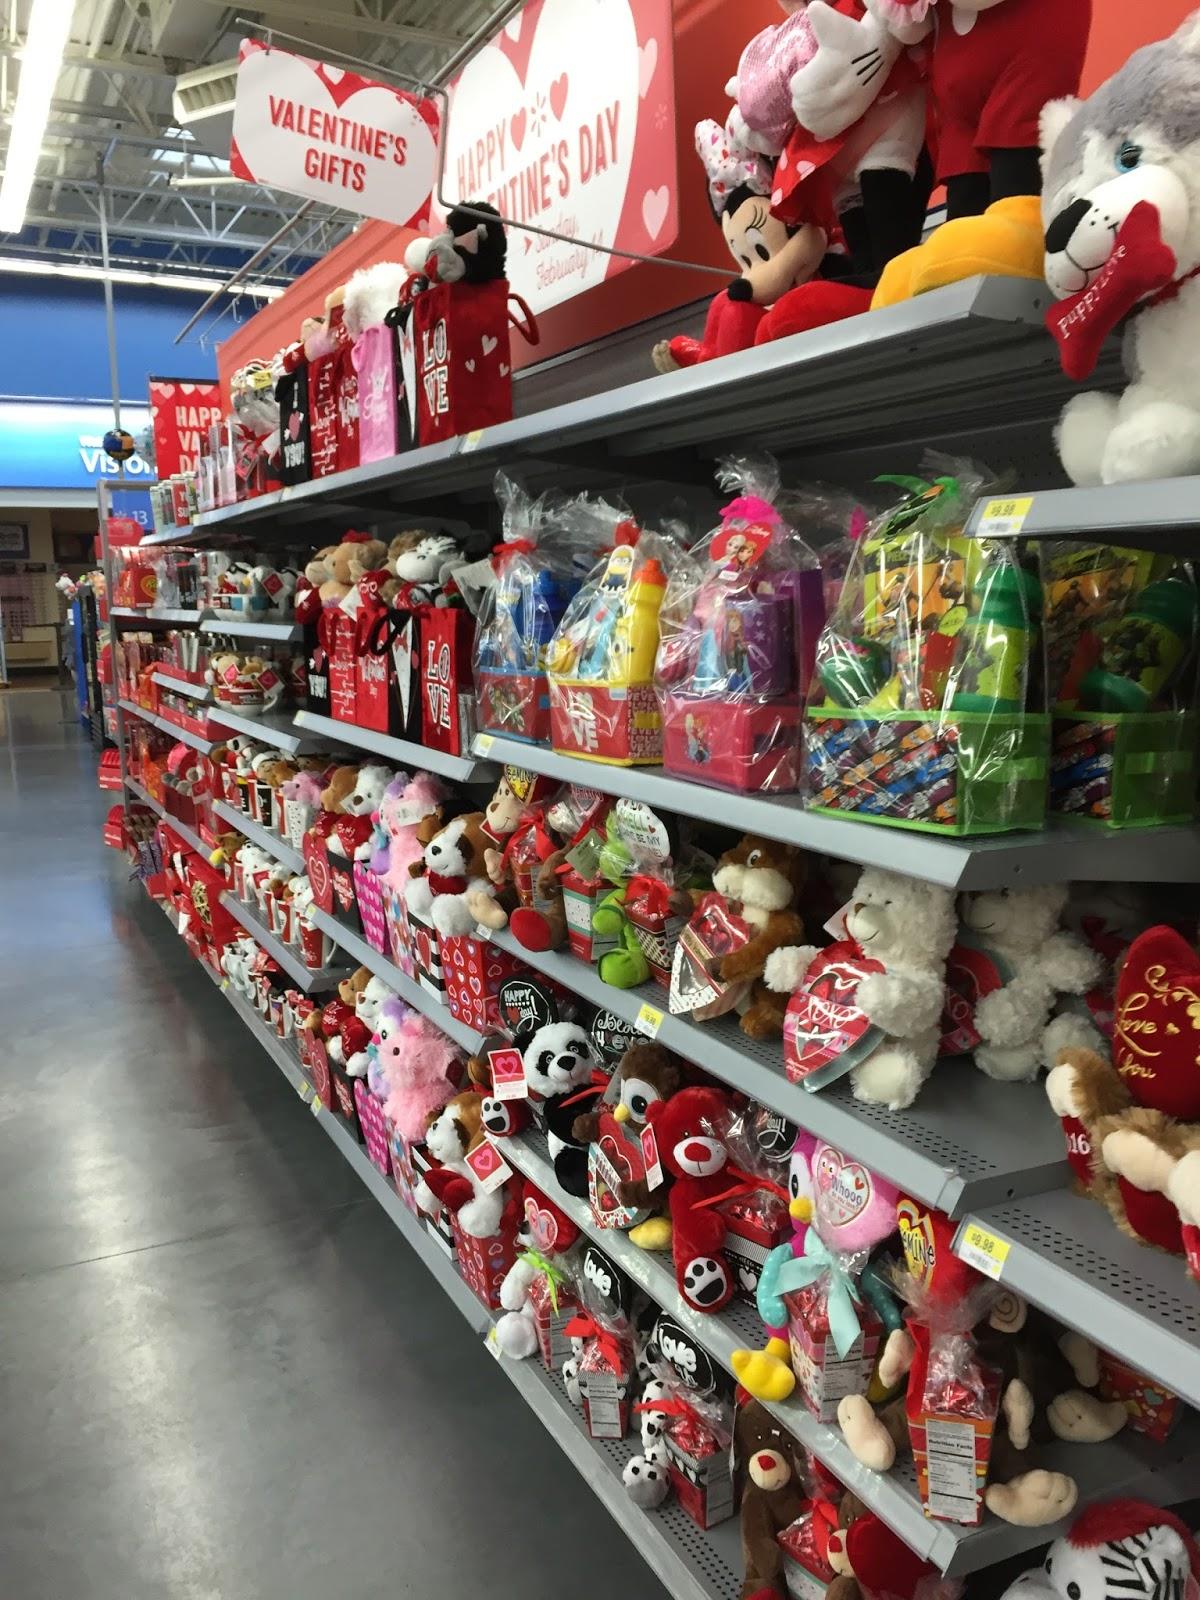 valentines day walmart glitterbuzzstyle - Walmart Valentine Gifts